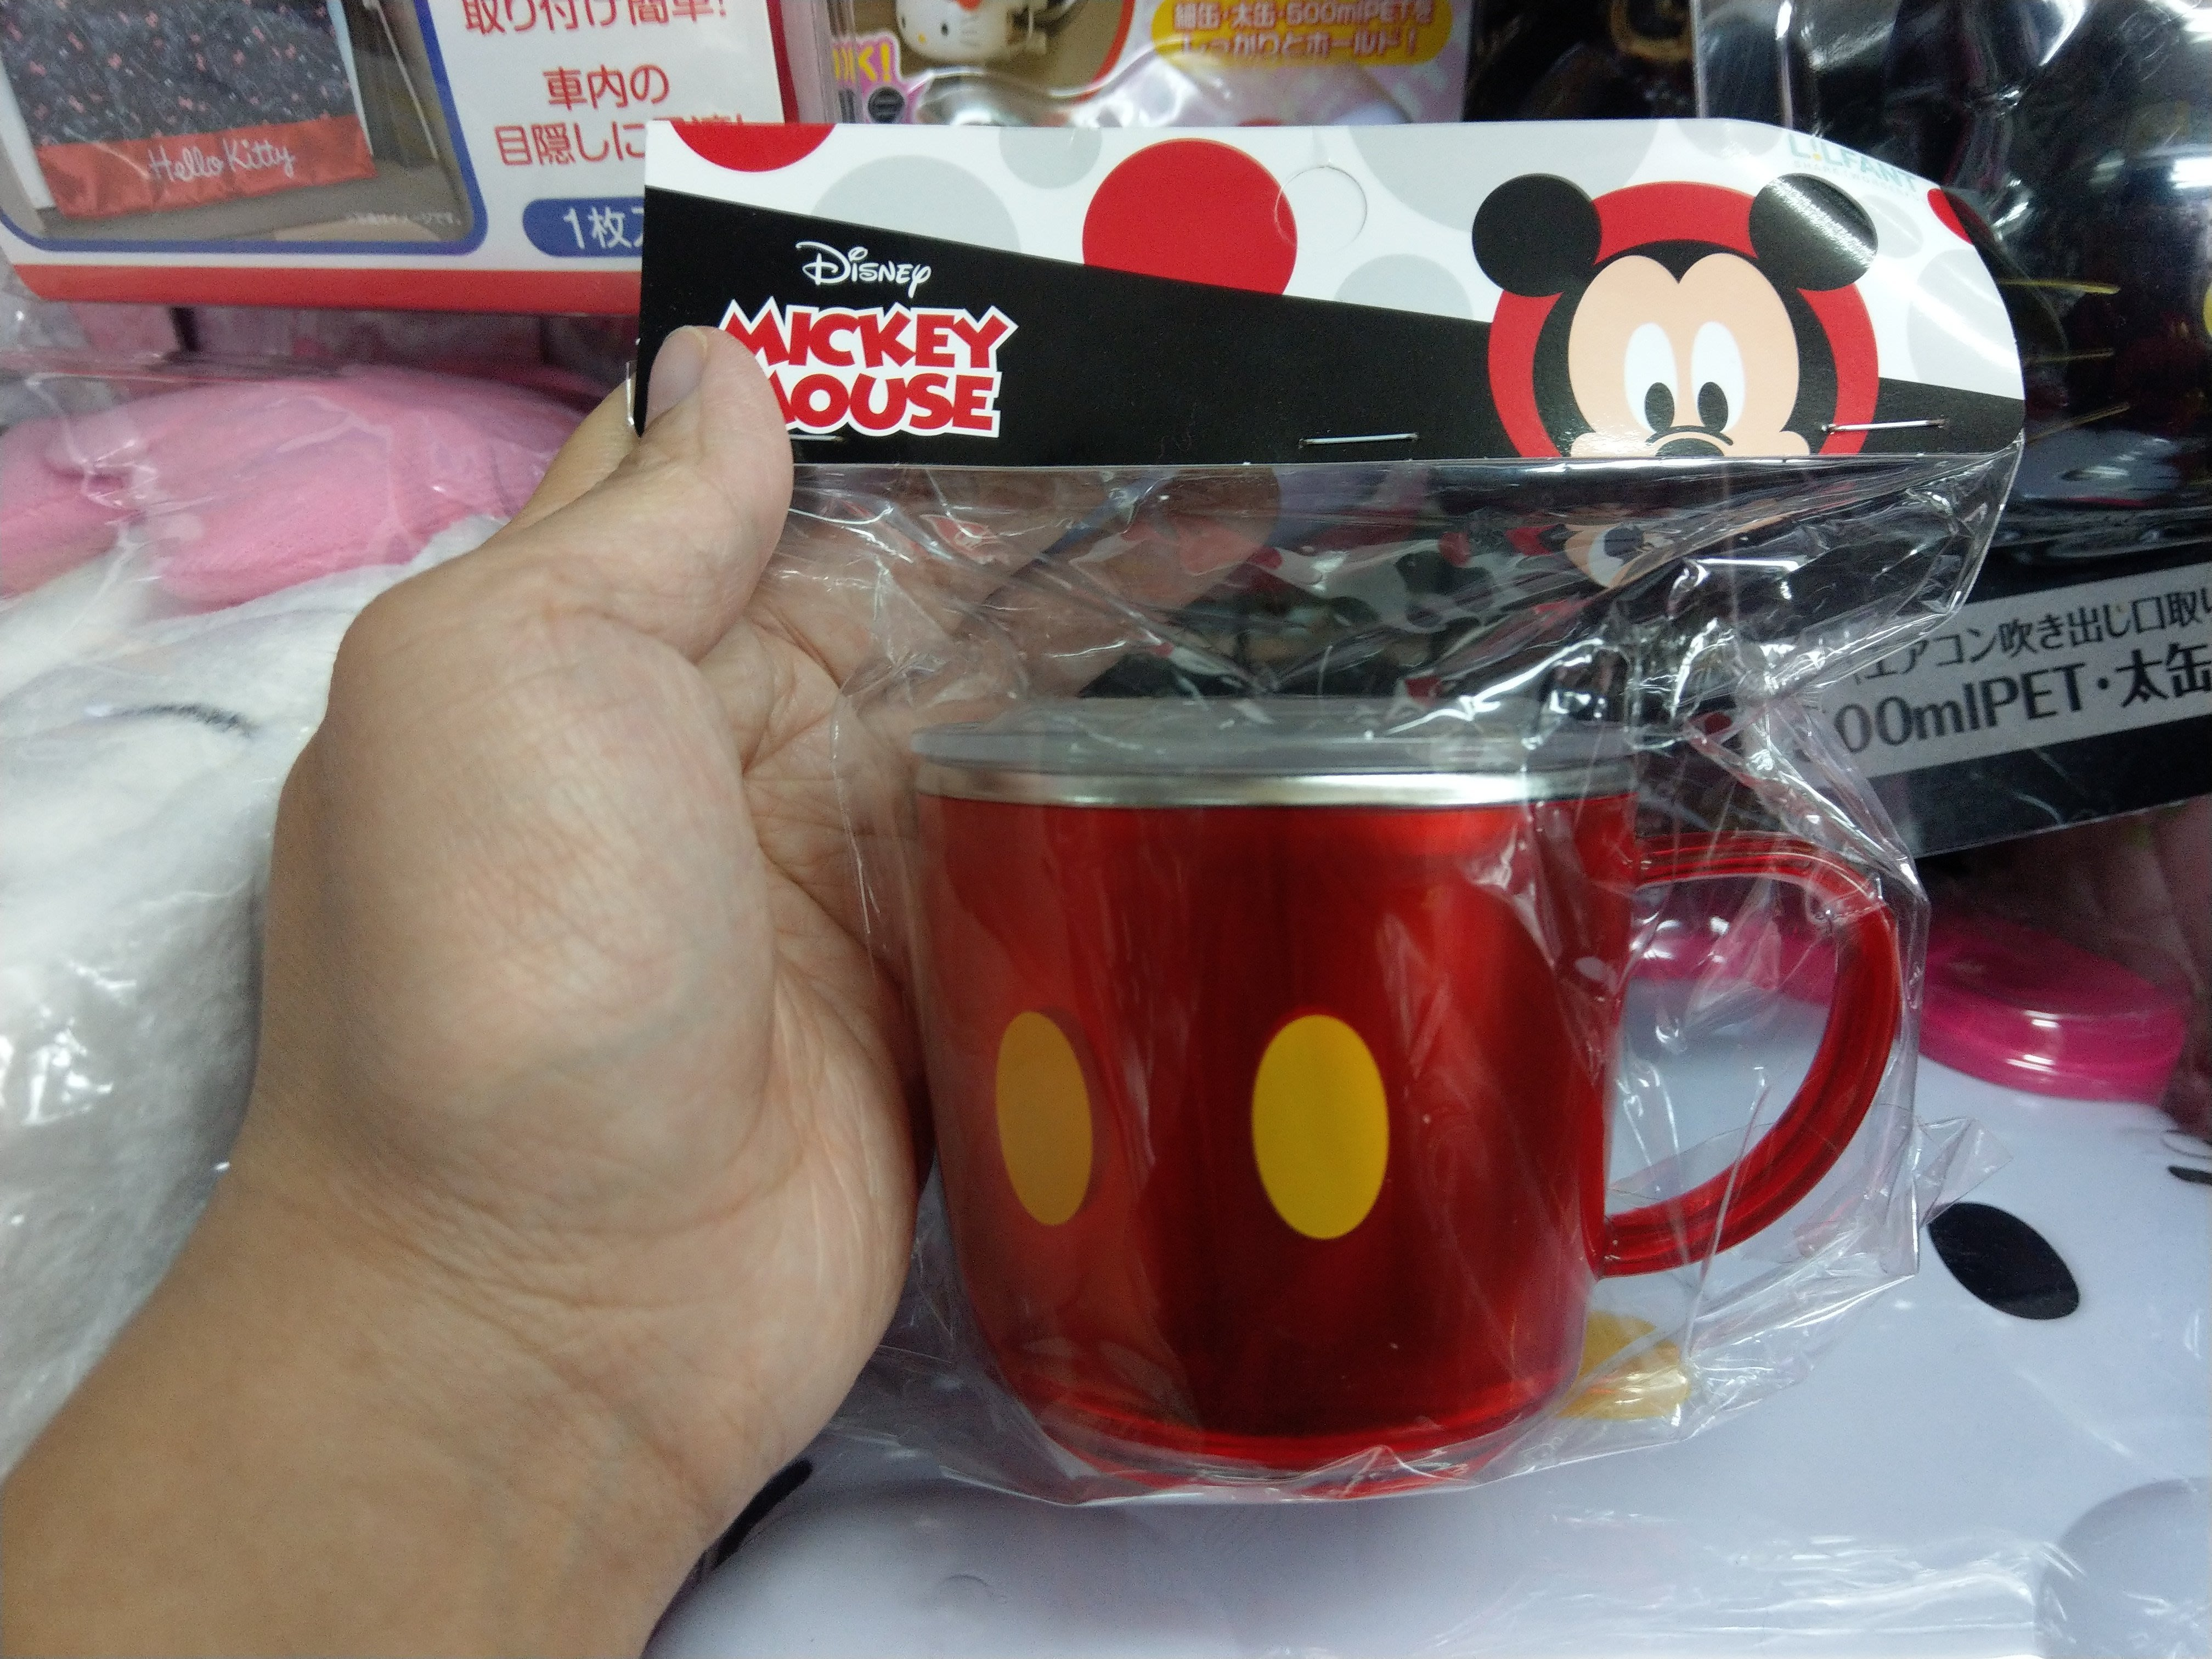 [檬檬Store]  迪士尼 米奇 褲褲  有蓋 304不鏽鋼杯  兒童餐具 ~